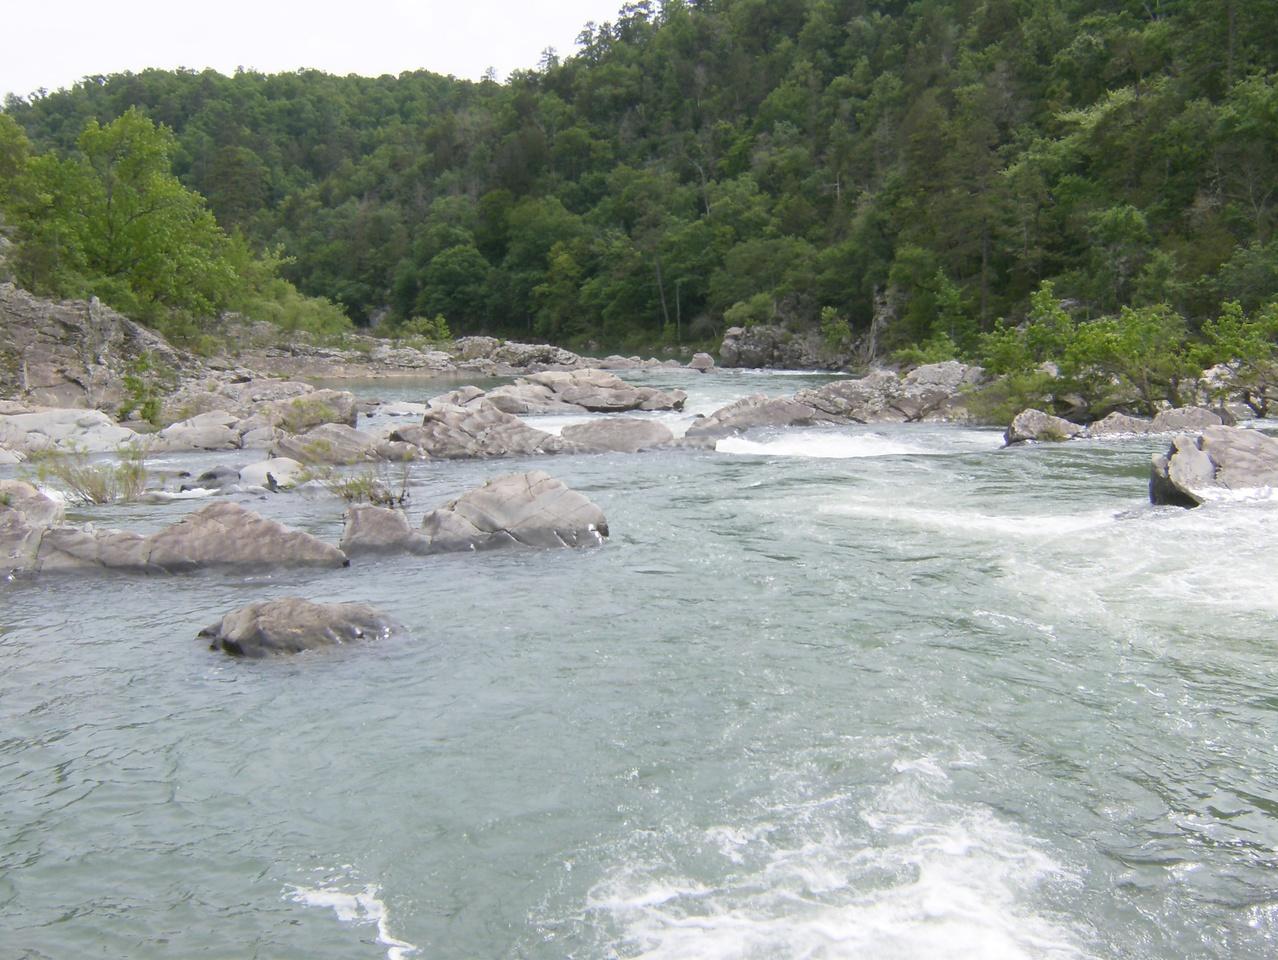 Cossatot River Corridor Trail The Compulsive Hiker